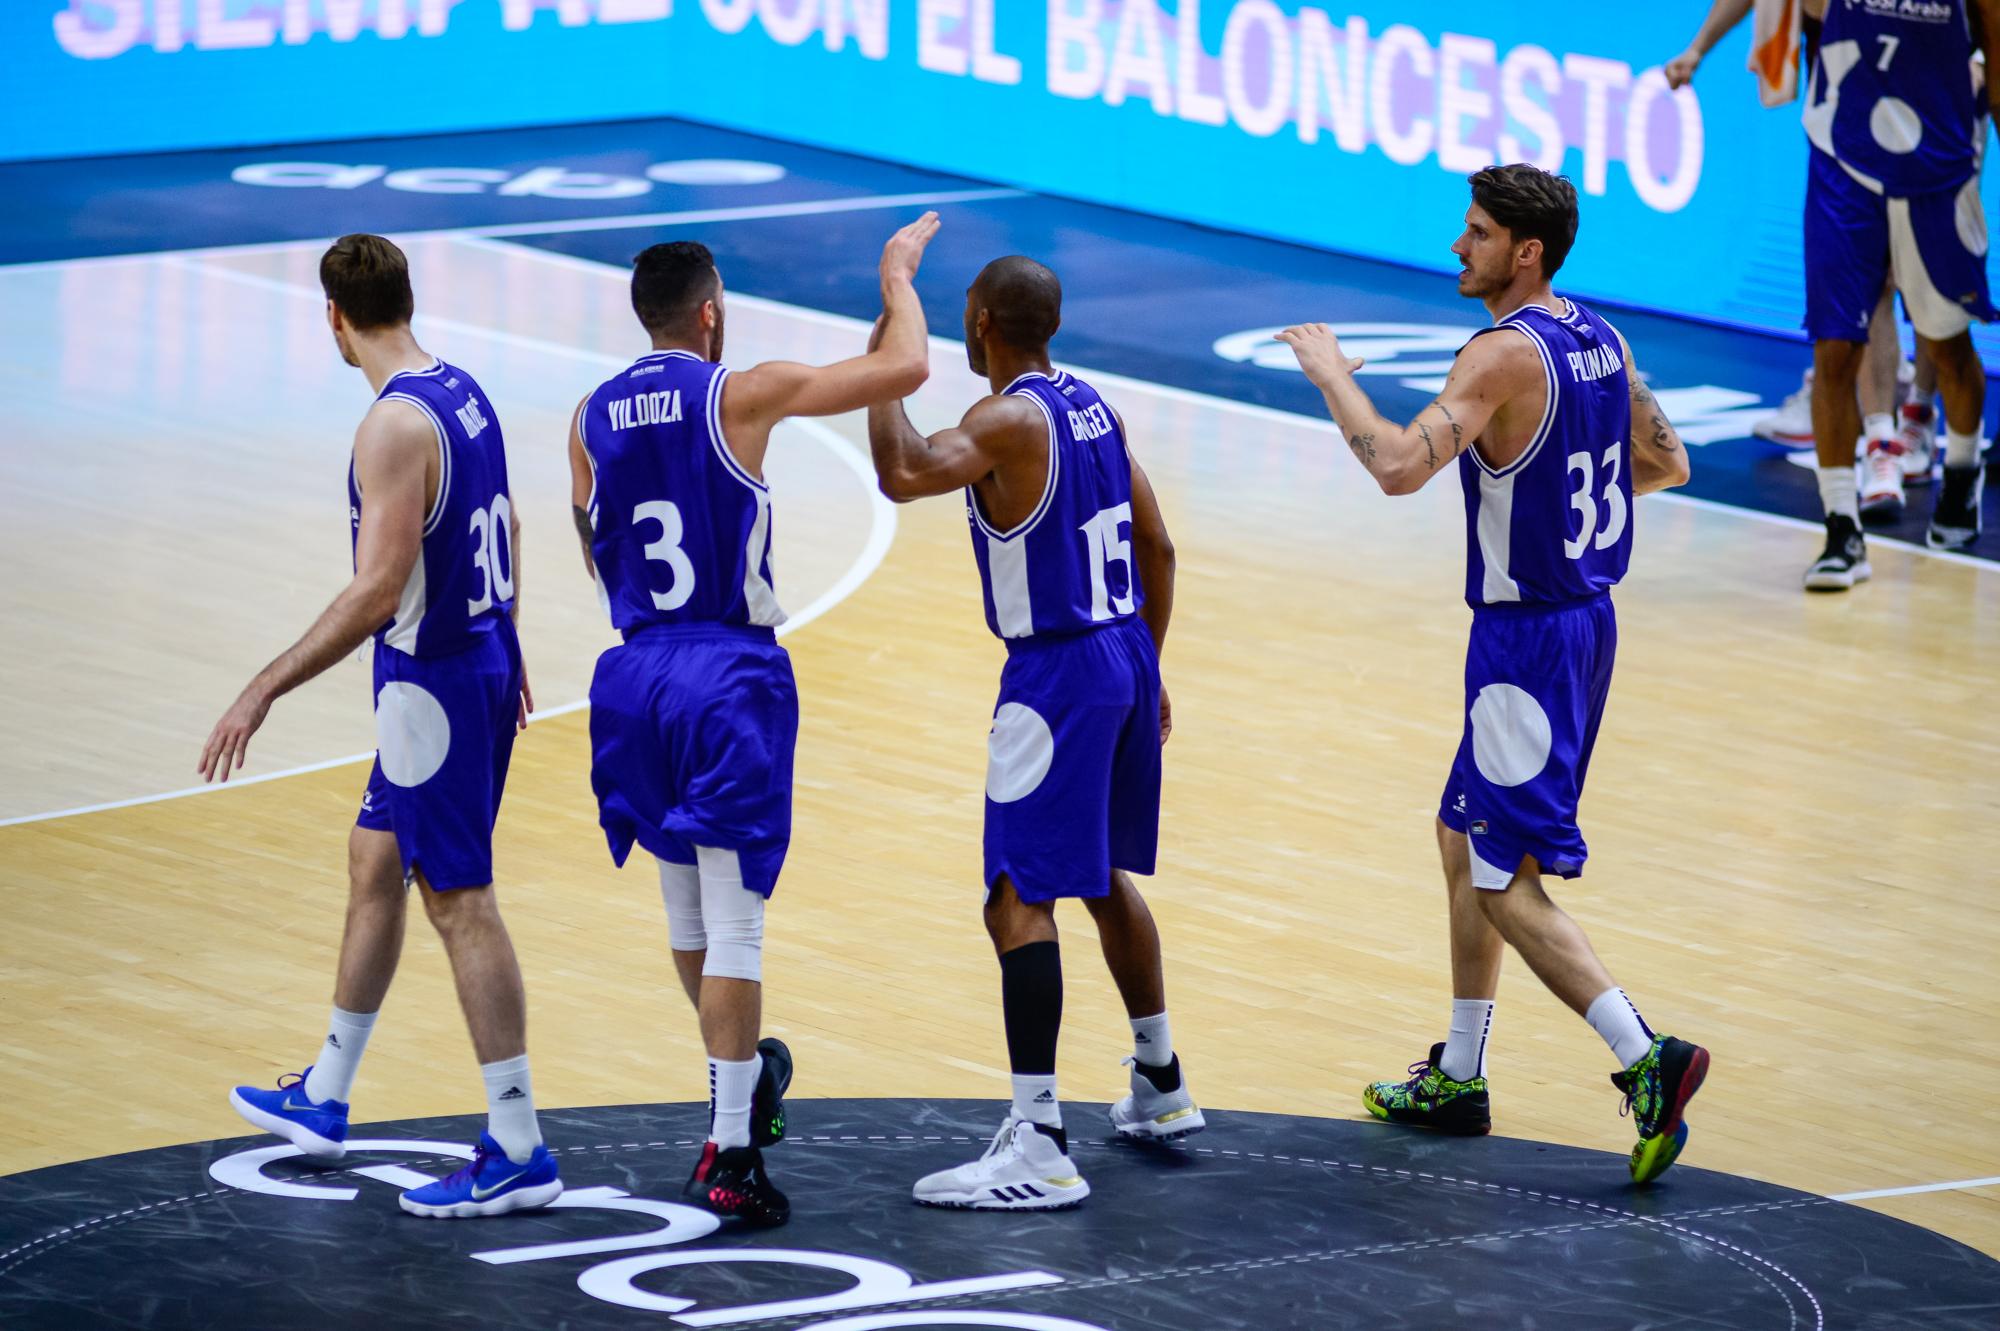 Italy in Europe: Torna l'ACB, il Baskonia dilaga con 10 punti di Achille Polonara